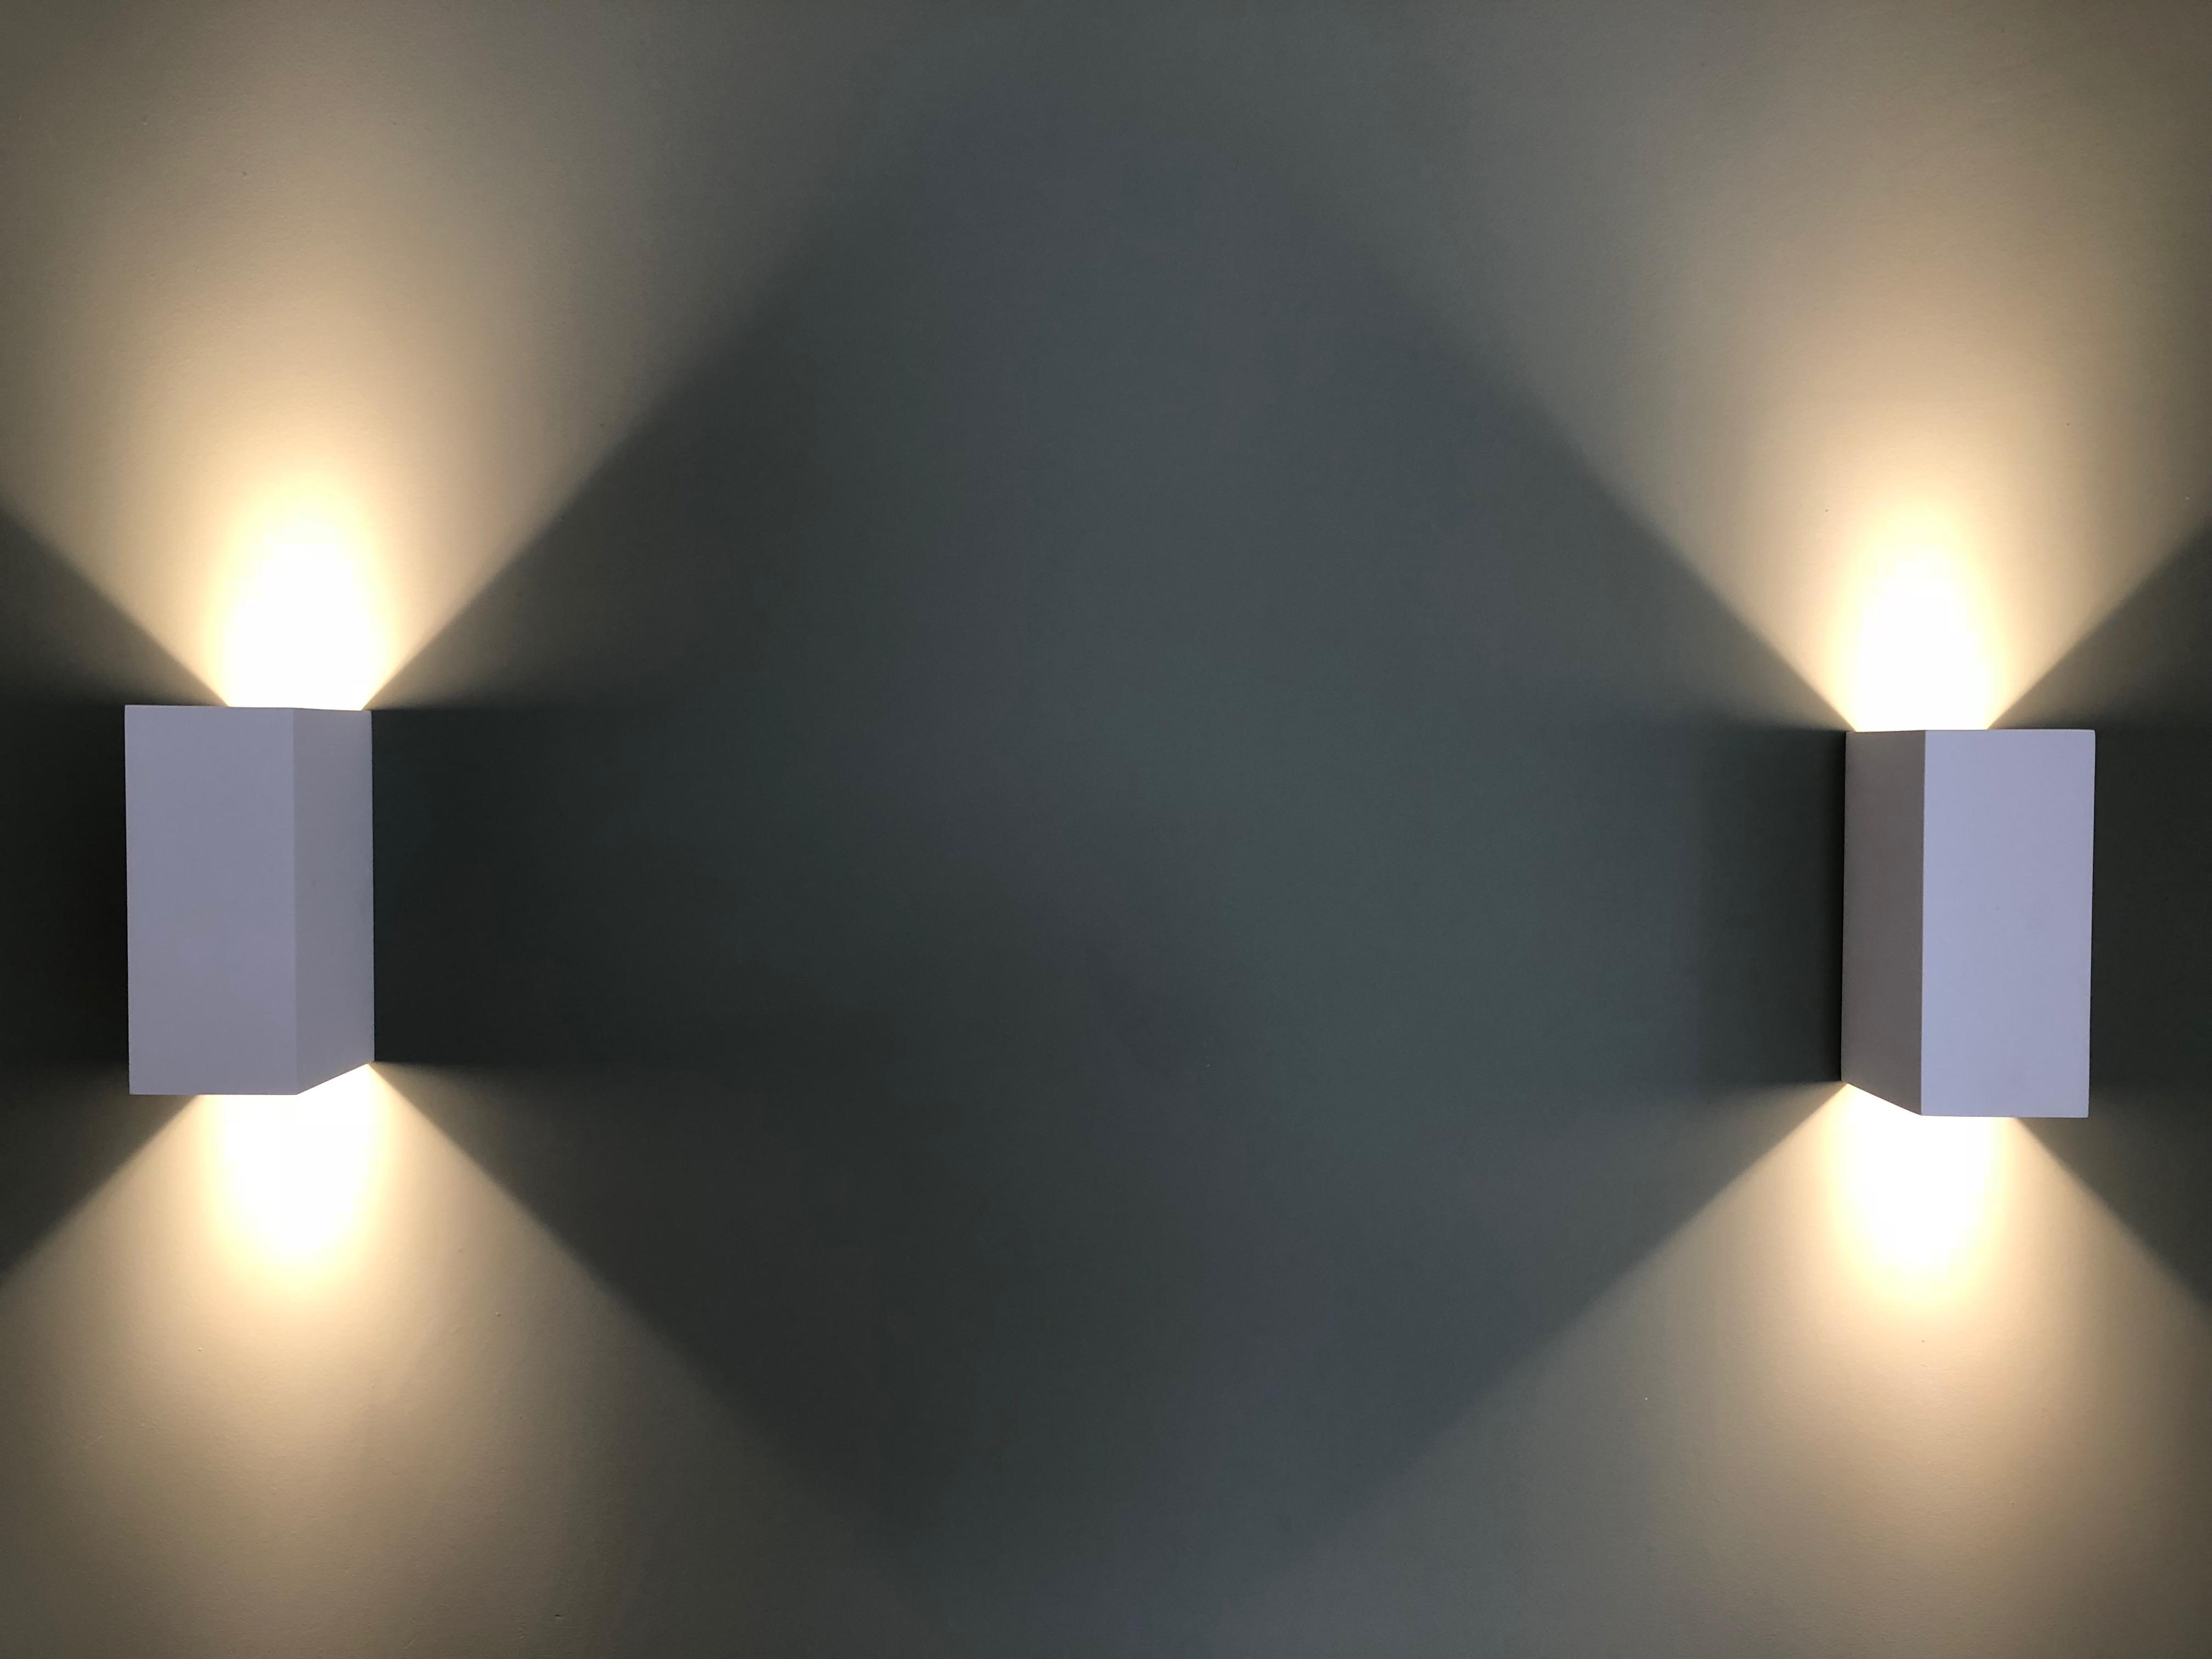 Beginner's guide to lighting